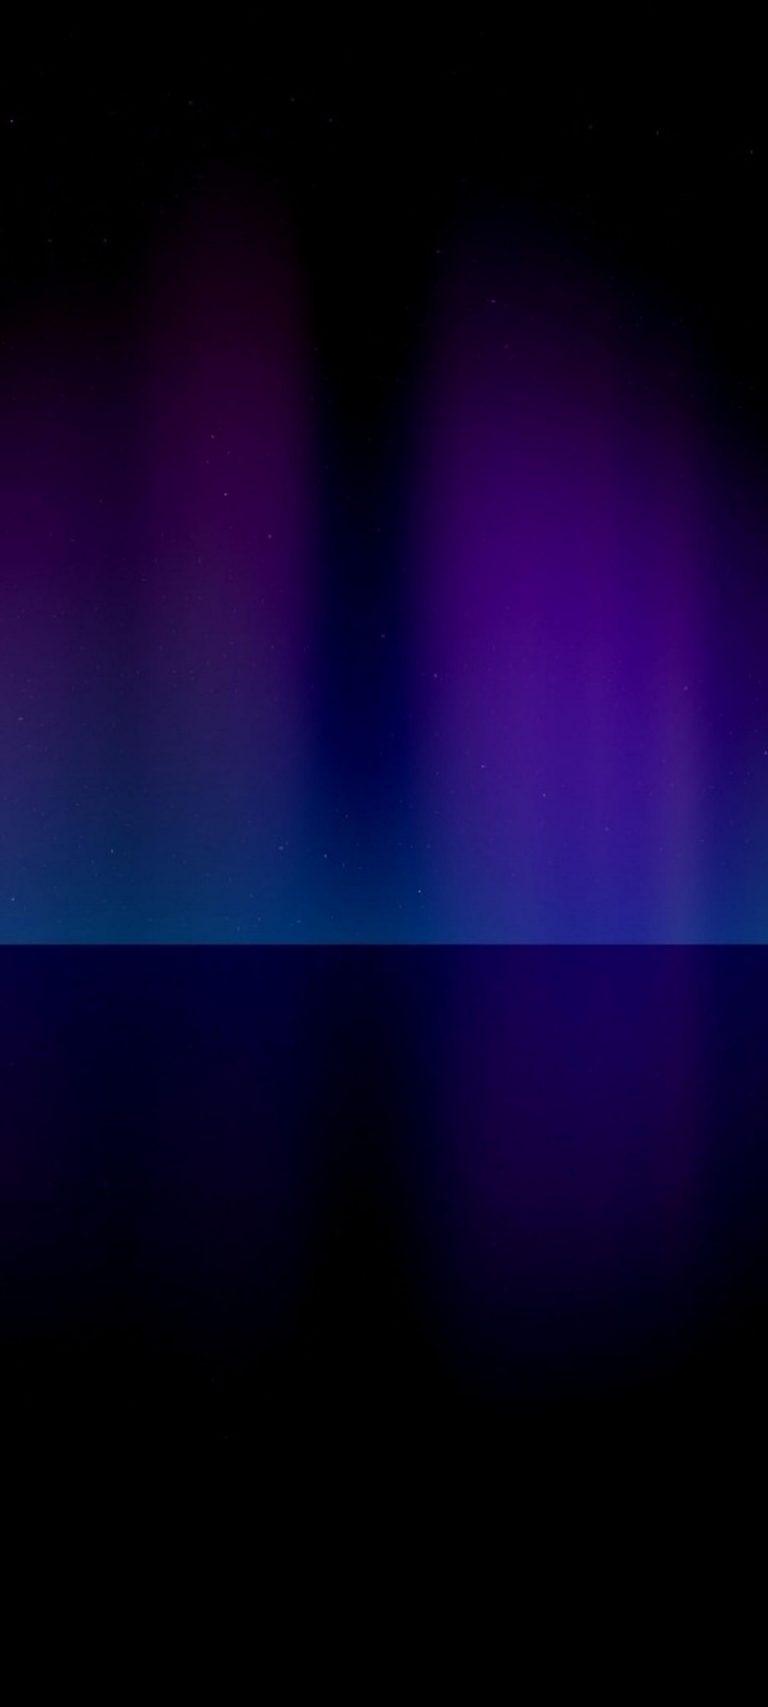 1440x3200 HD Wallpaper 142 768x1707 - 1440x3200 HD Wallpaper - 142